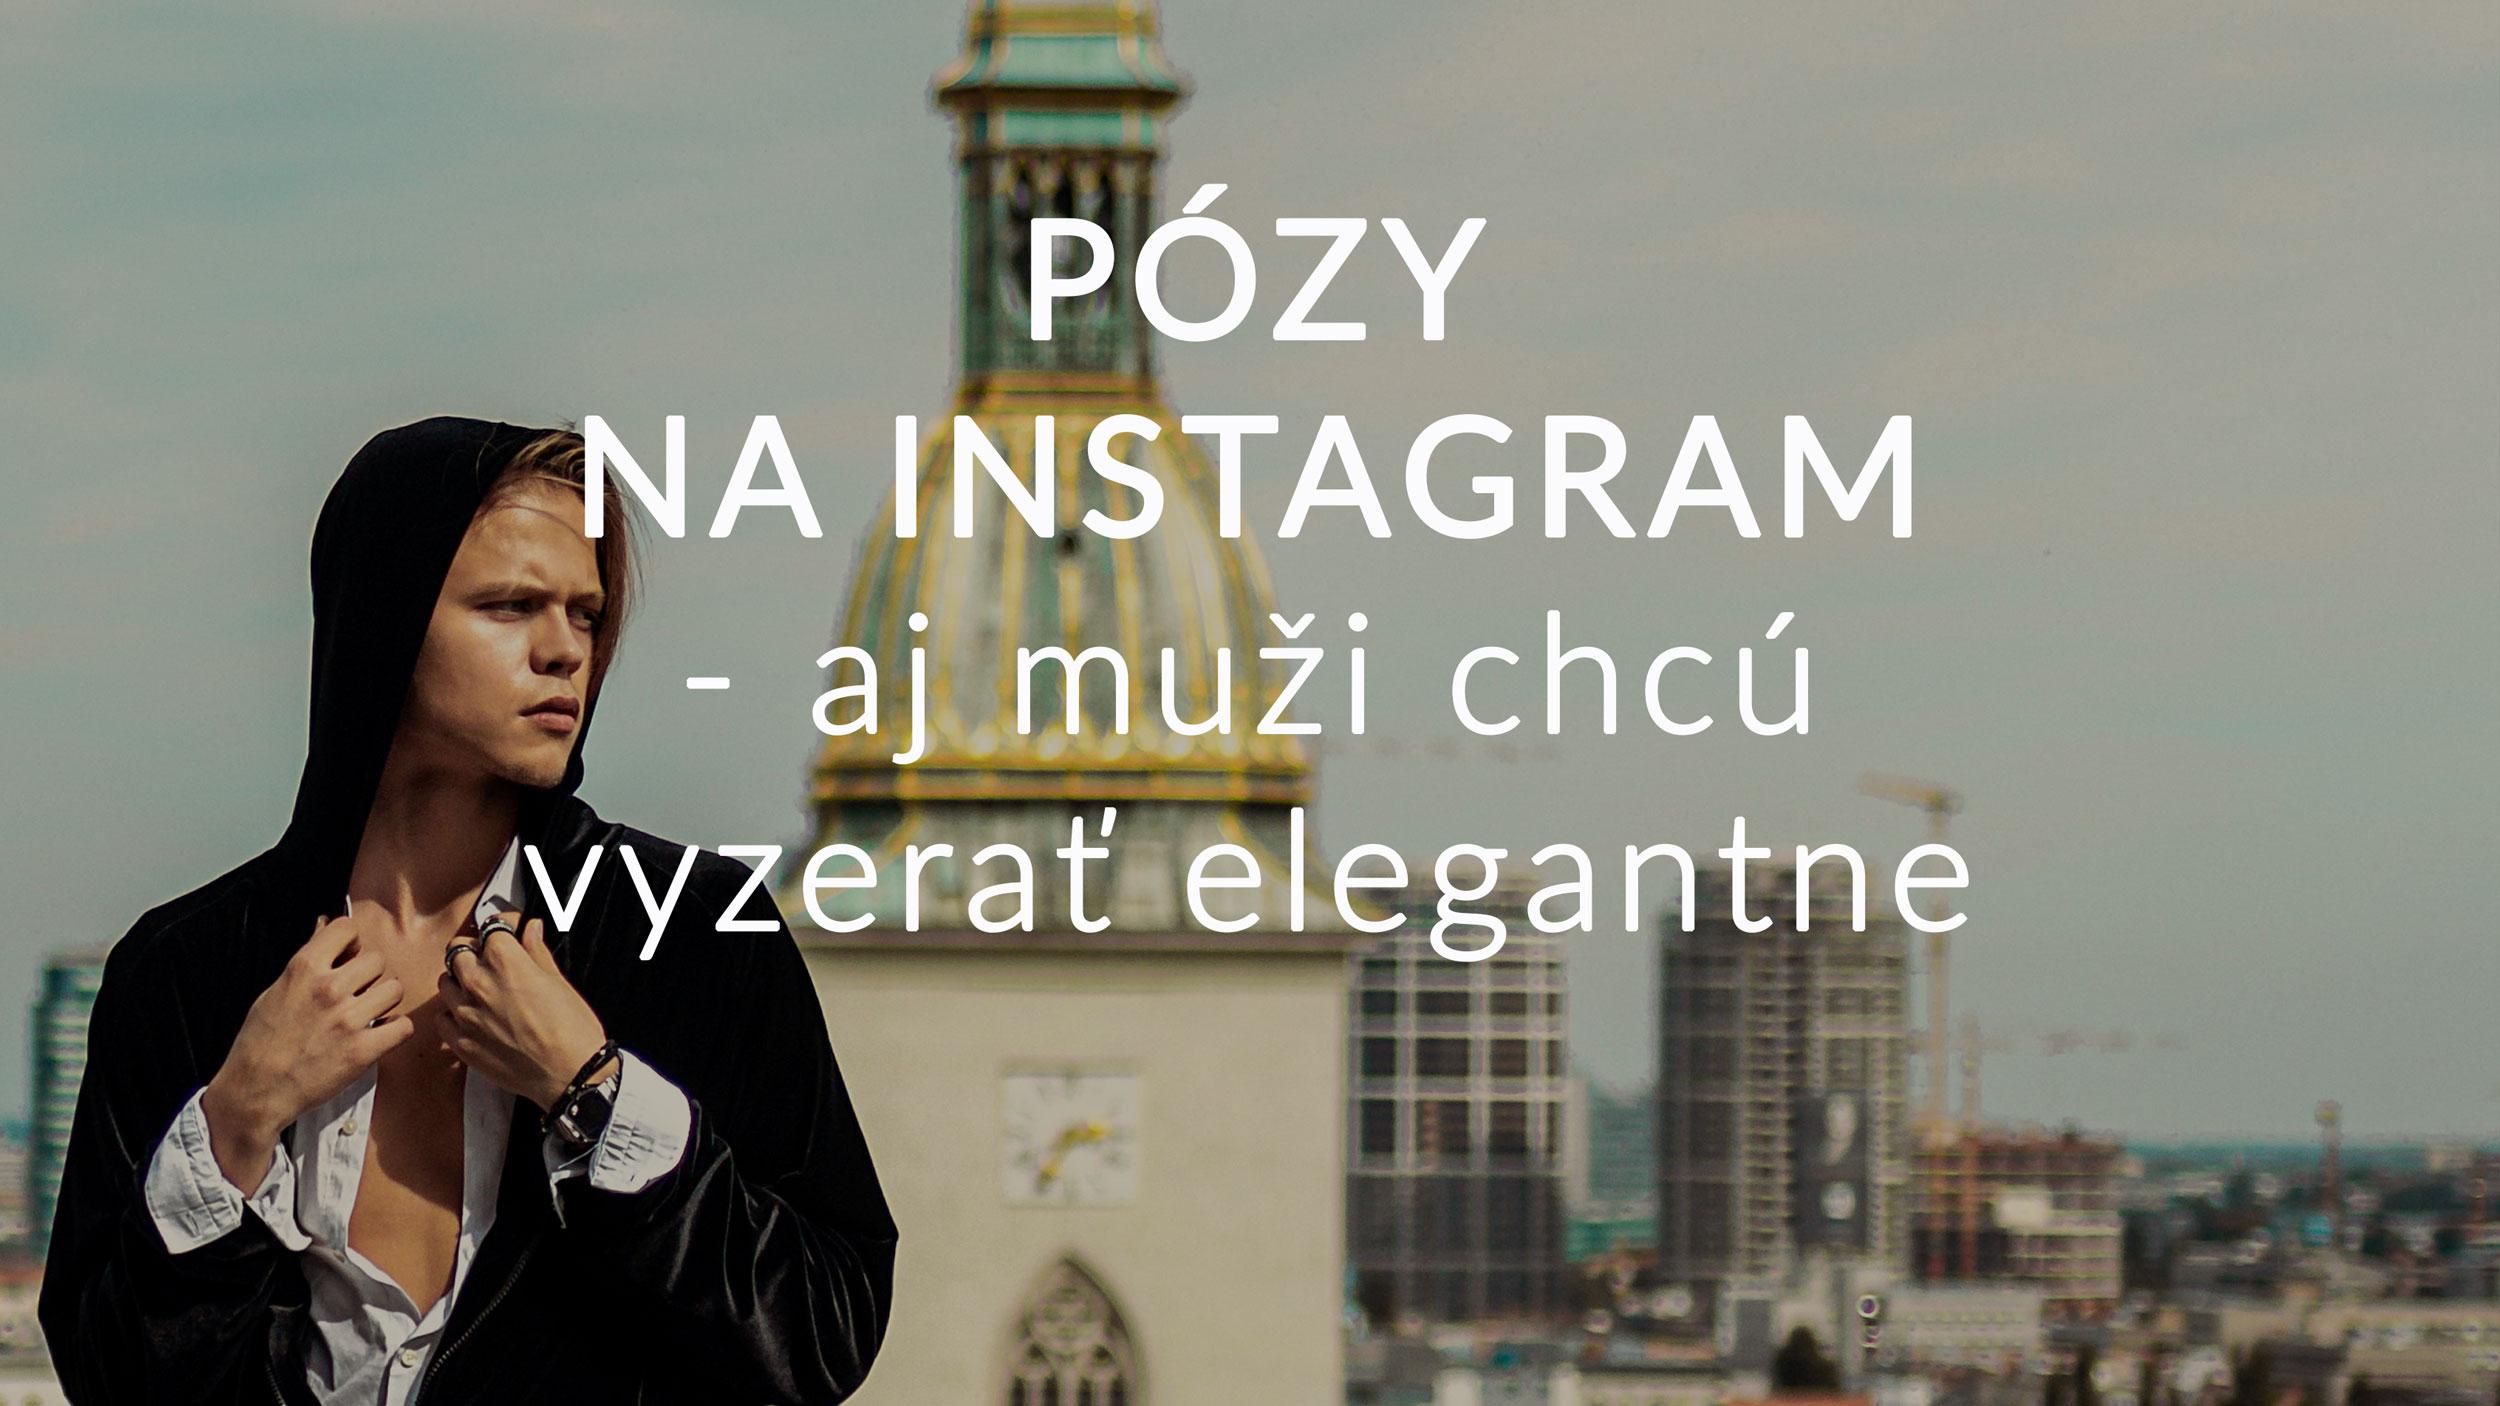 Pózy na instagram aj muži chcú vyzerať elegantne